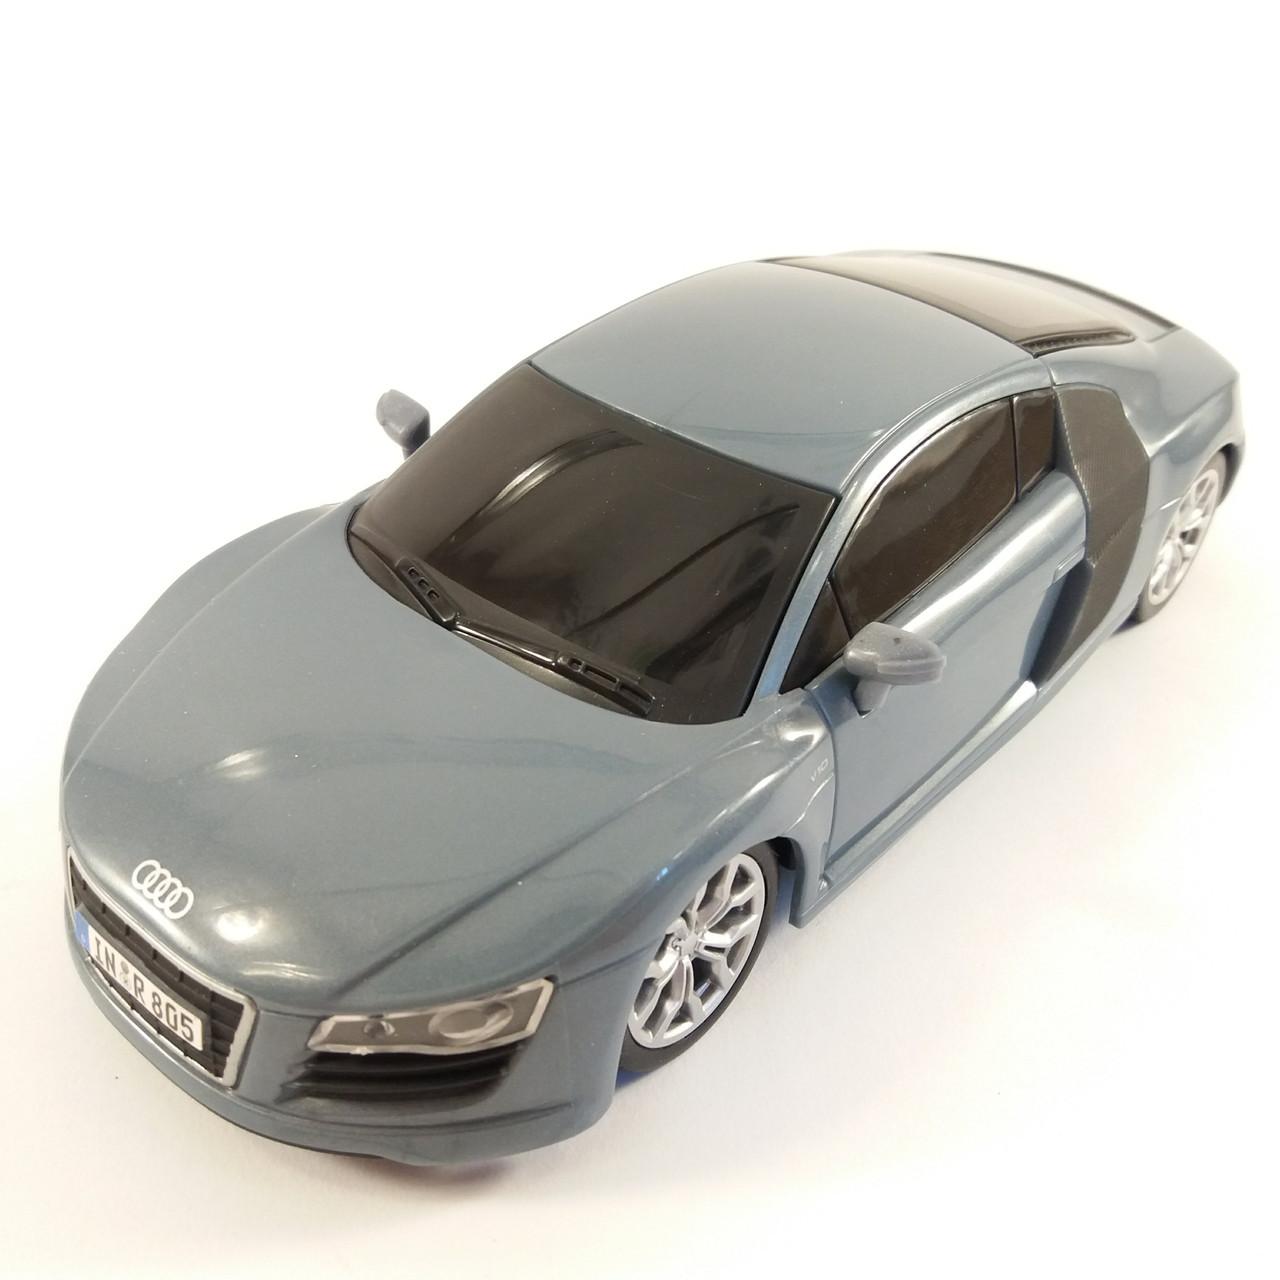 Автомодель на р/у (1:24) 2009 Audi R8 V10 синий MAISTO TECH 81064